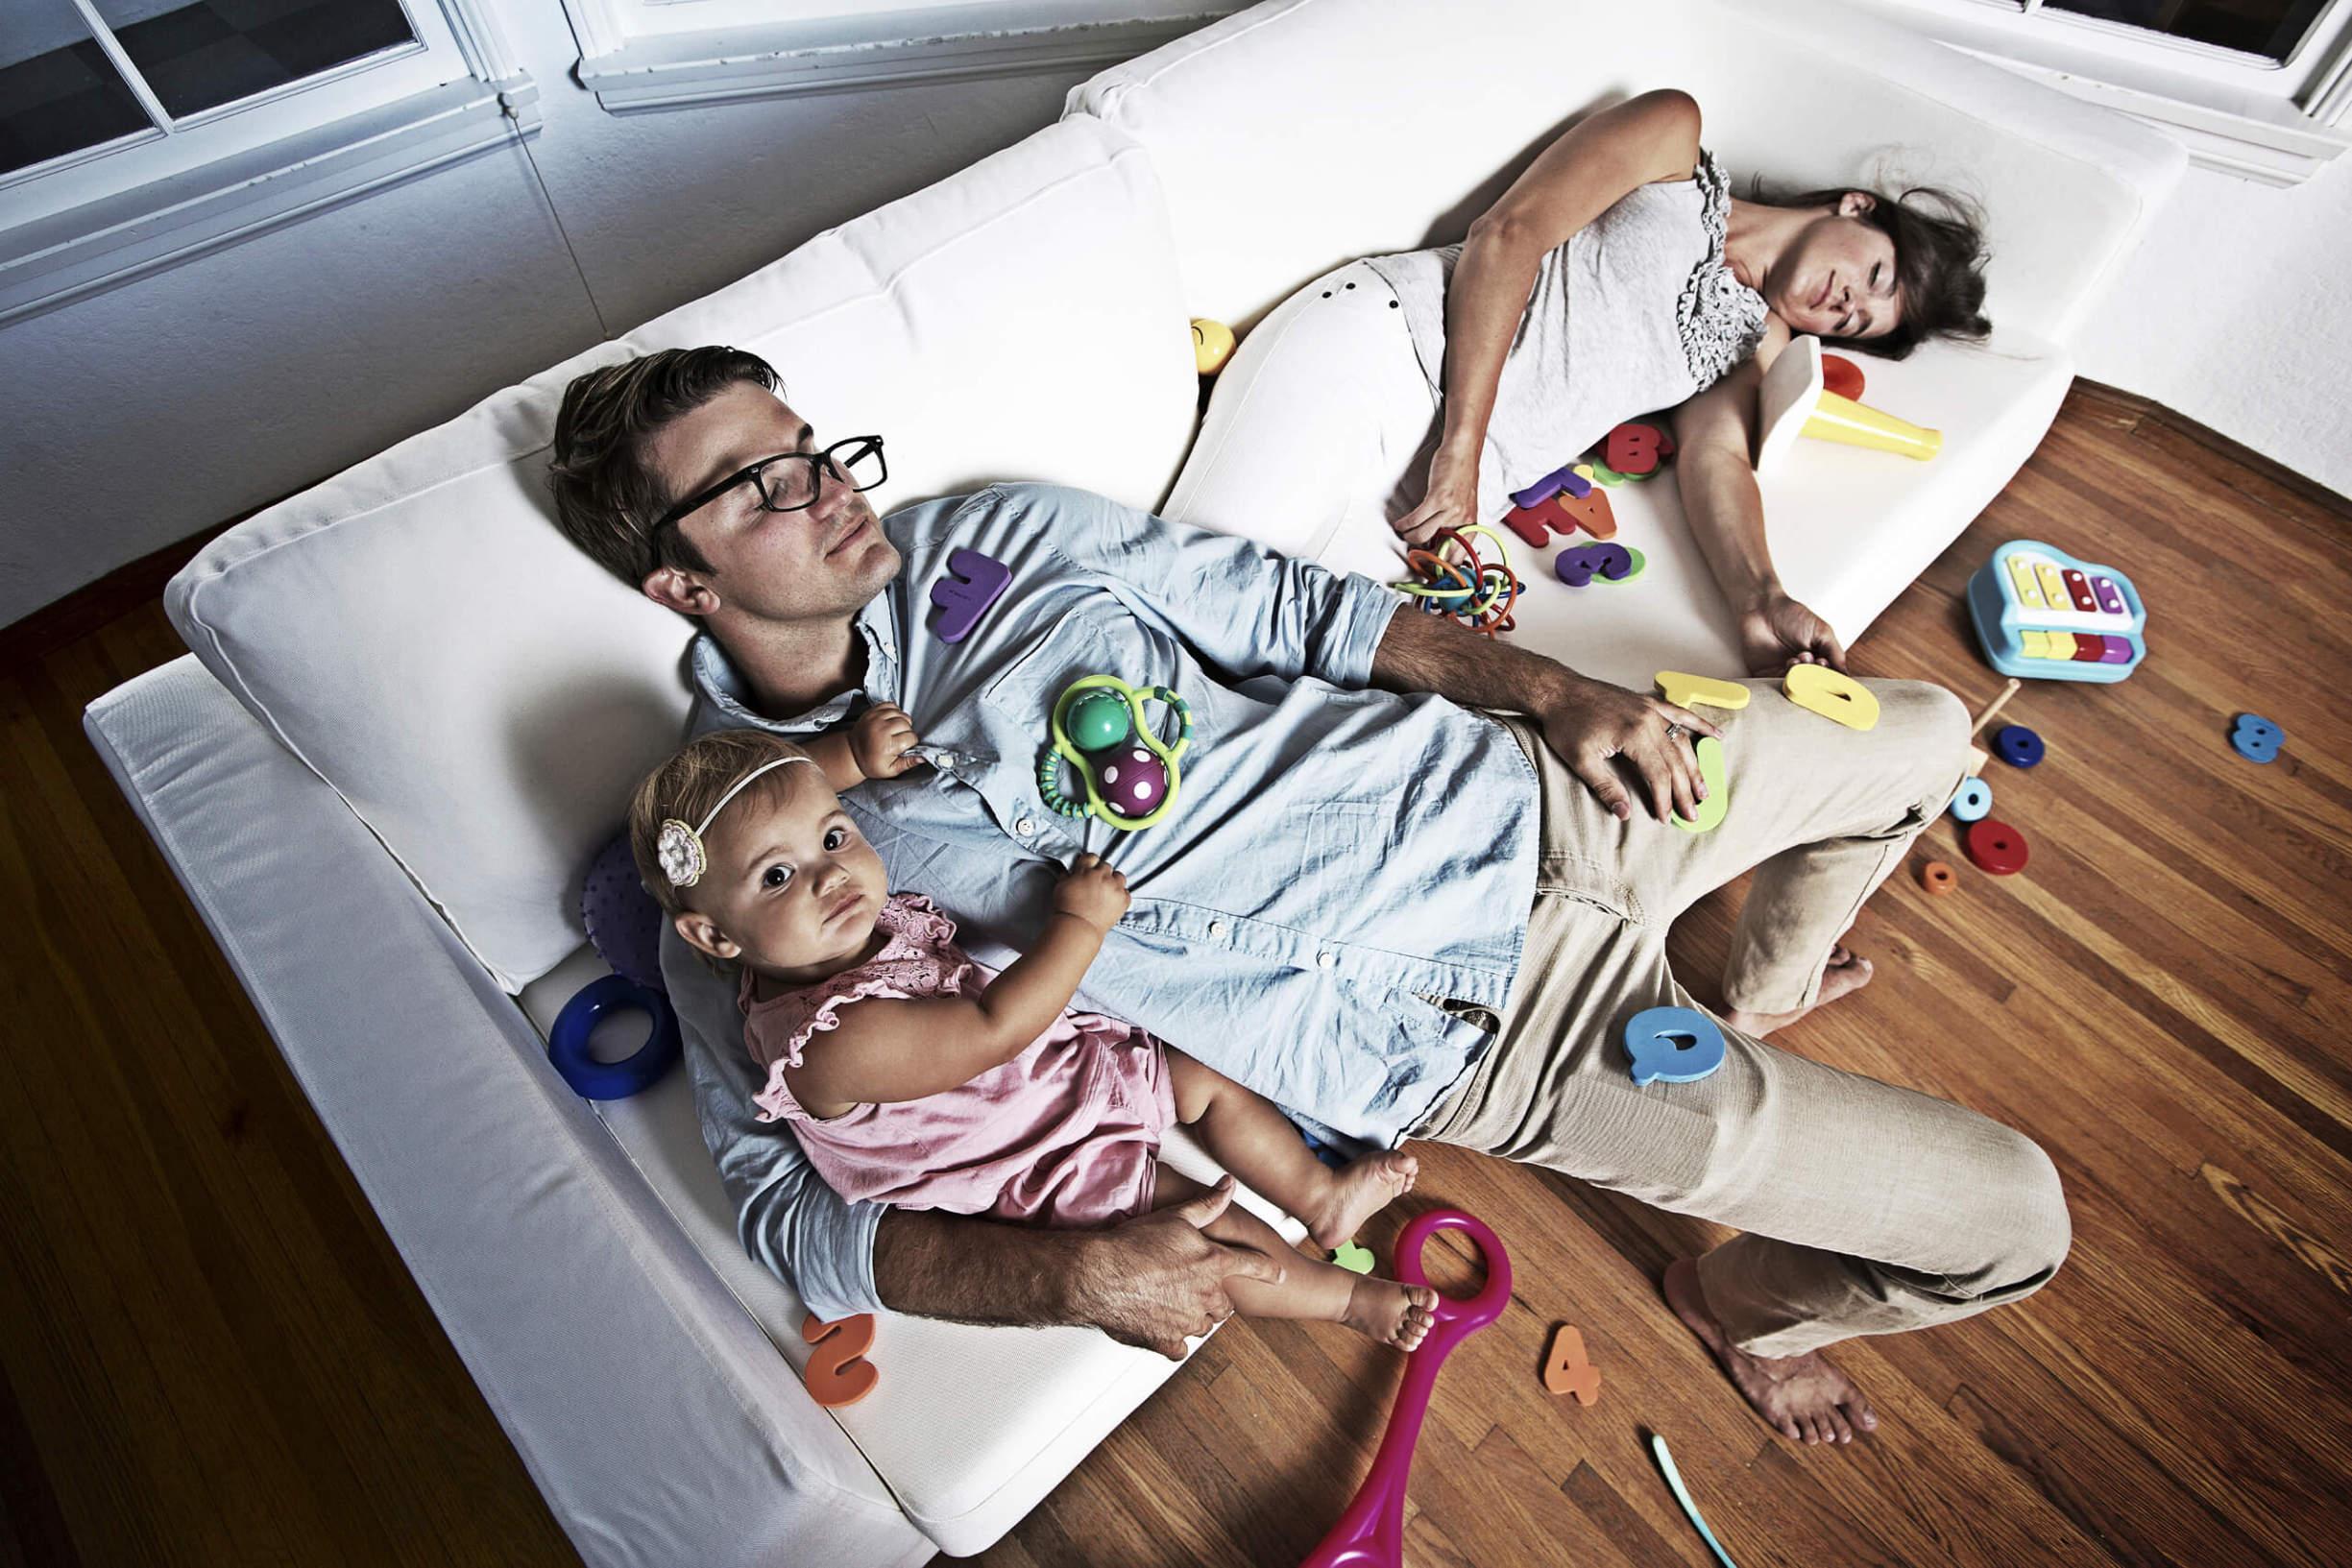 Svatko tko je imao sreće proći kroz roditeljstvo zna koliko to može biti iscrpljujuće